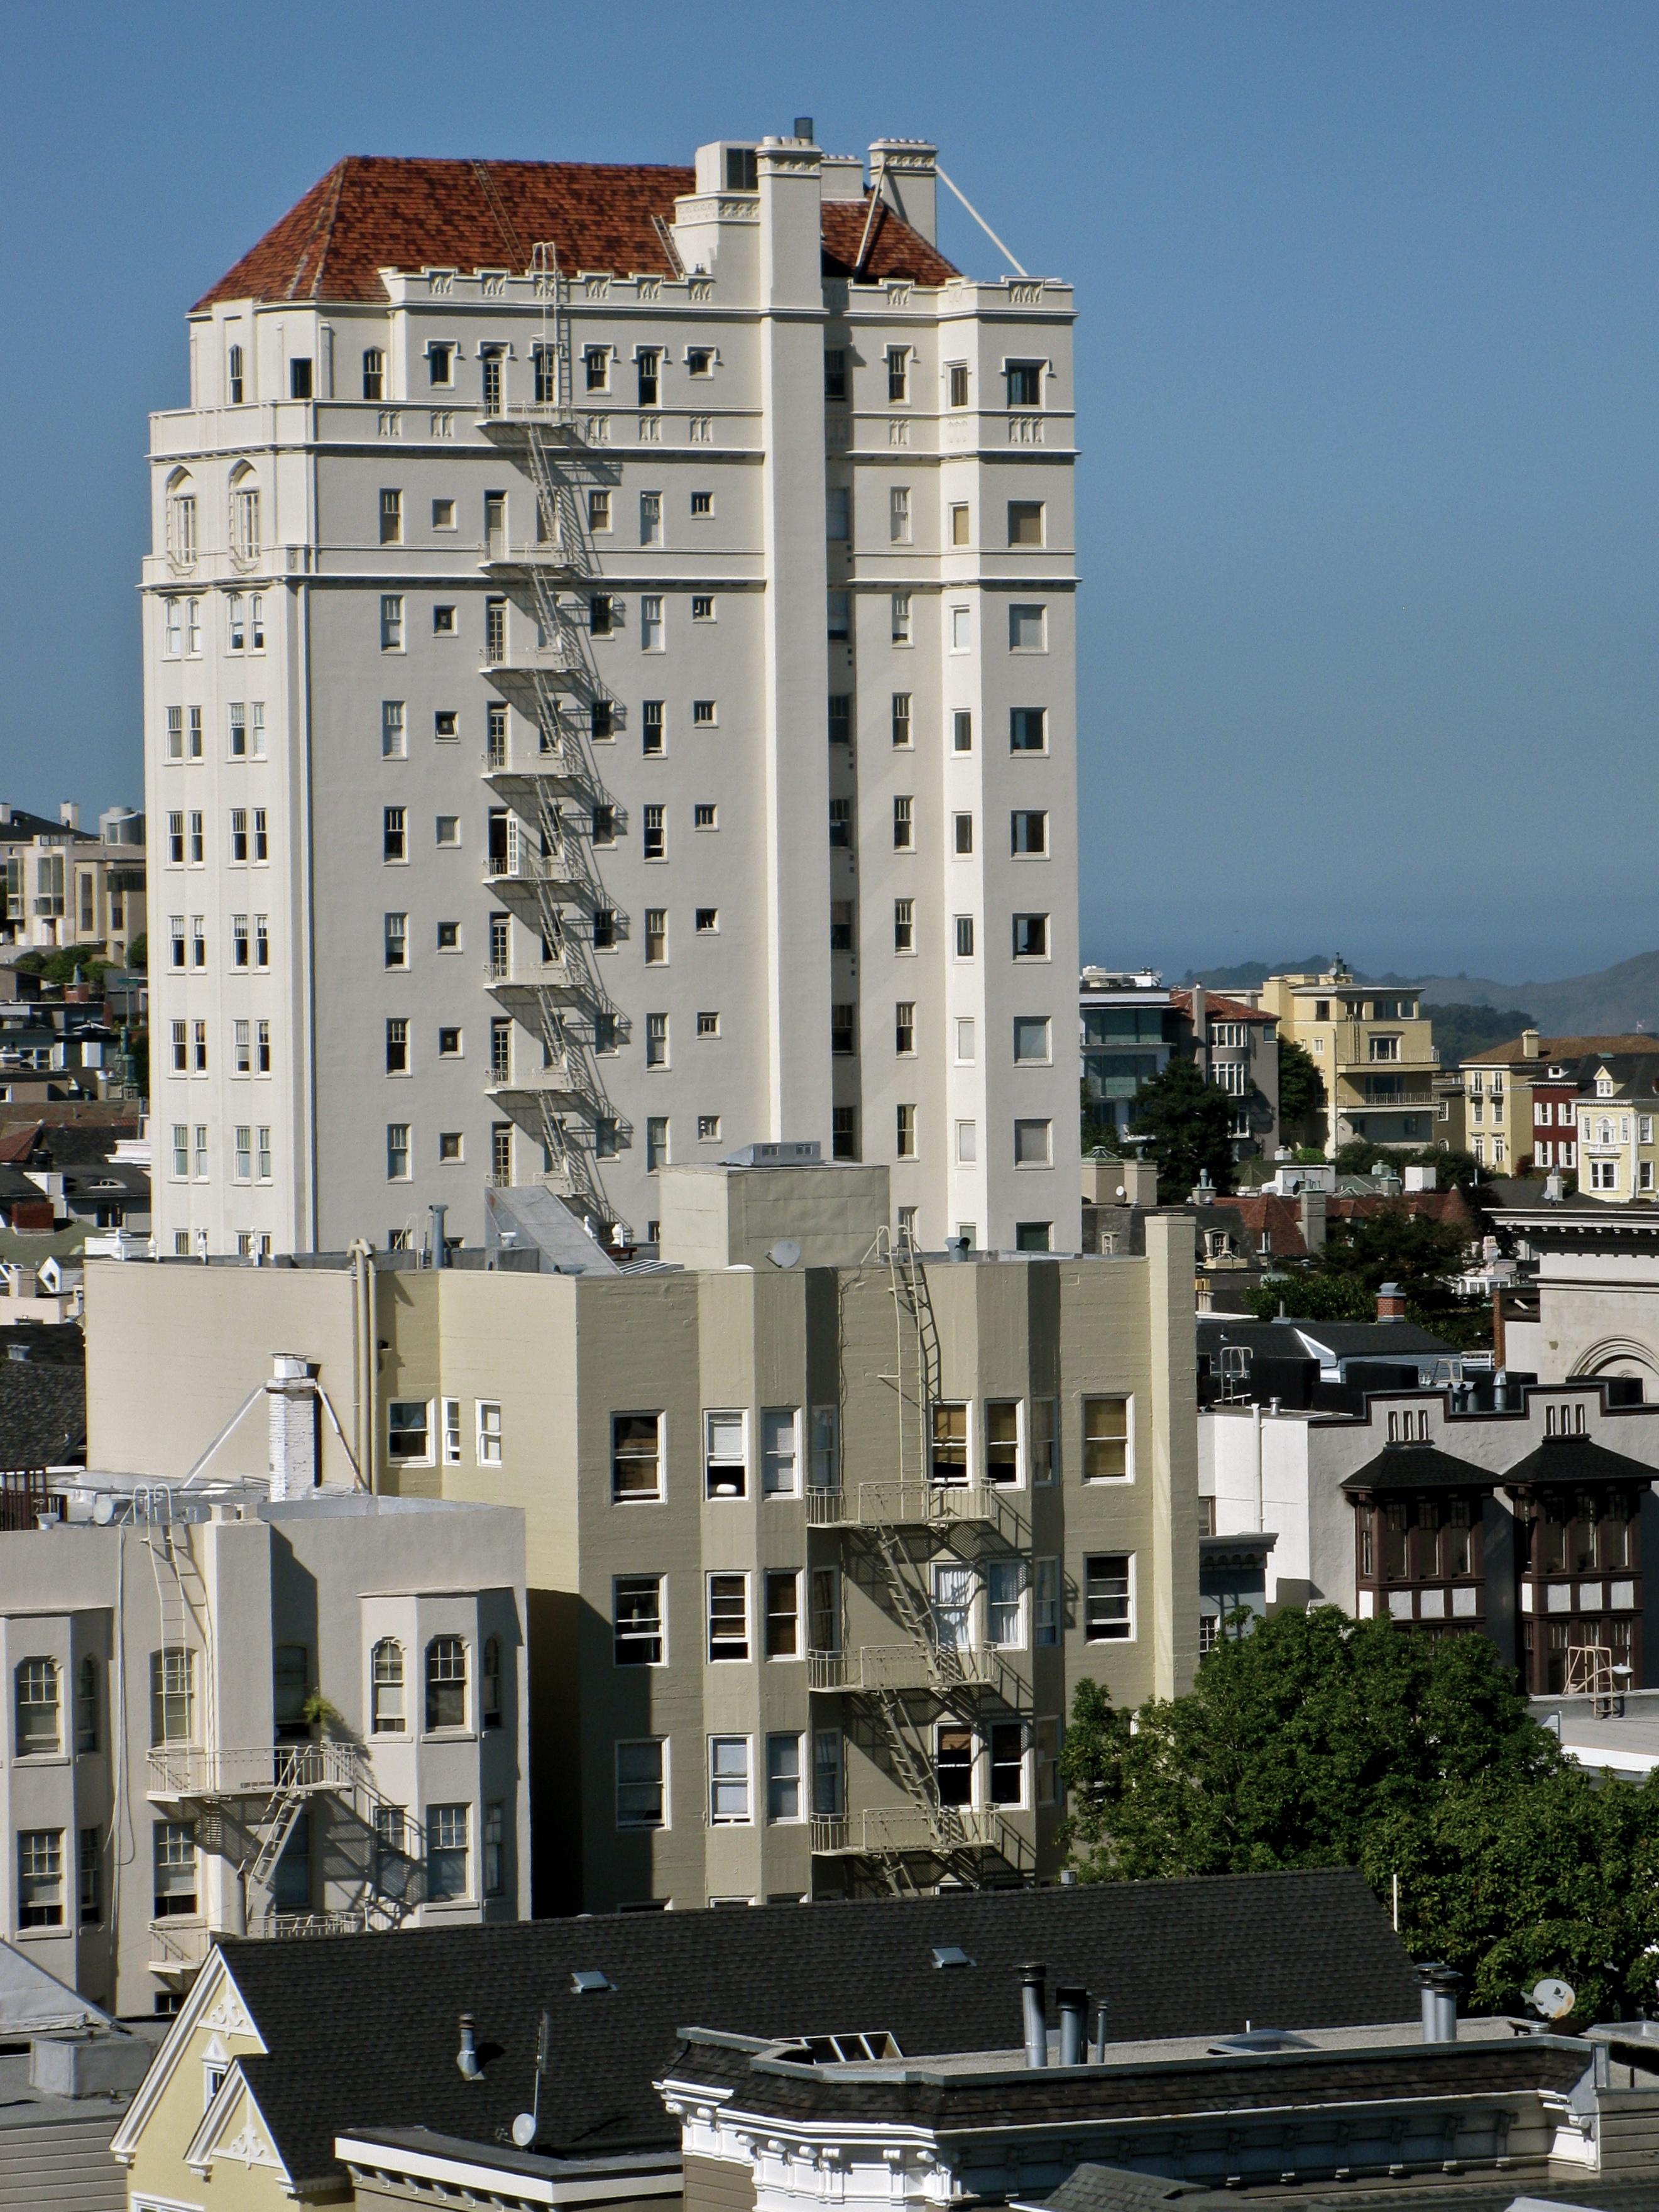 2640 steiner street san francisco ca united states for 2640 steiner street